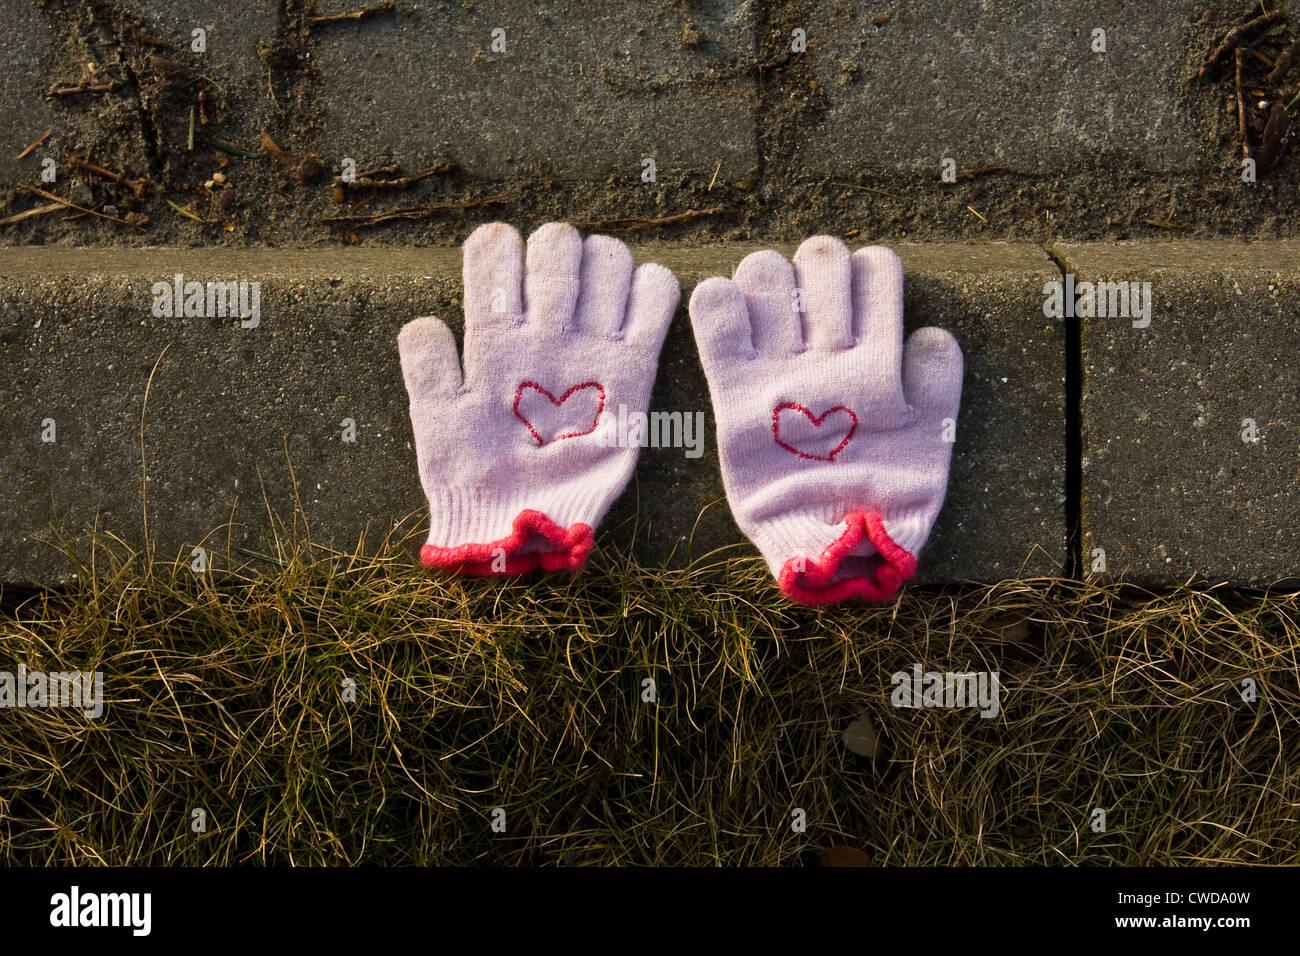 Handschuh, Fundsachen Stockbild